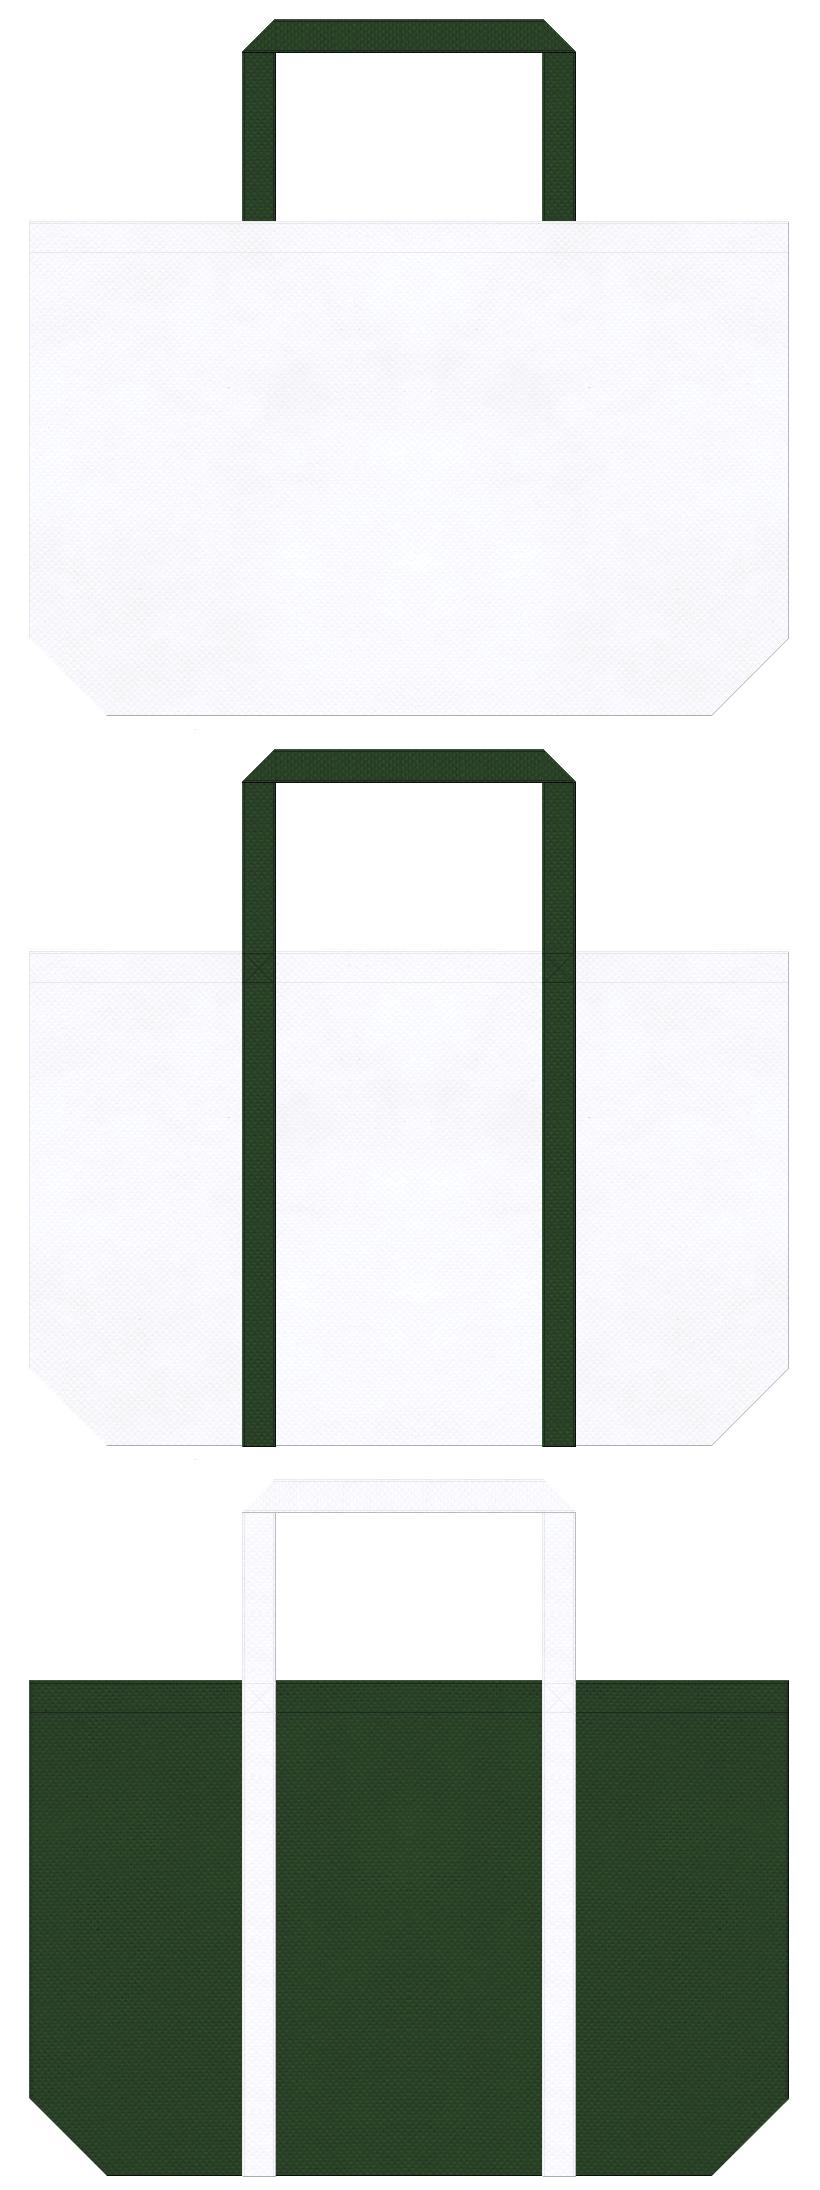 白色と濃緑色の不織布バッグデザイン:医薬品・救急用品のバッグにお奨めです。